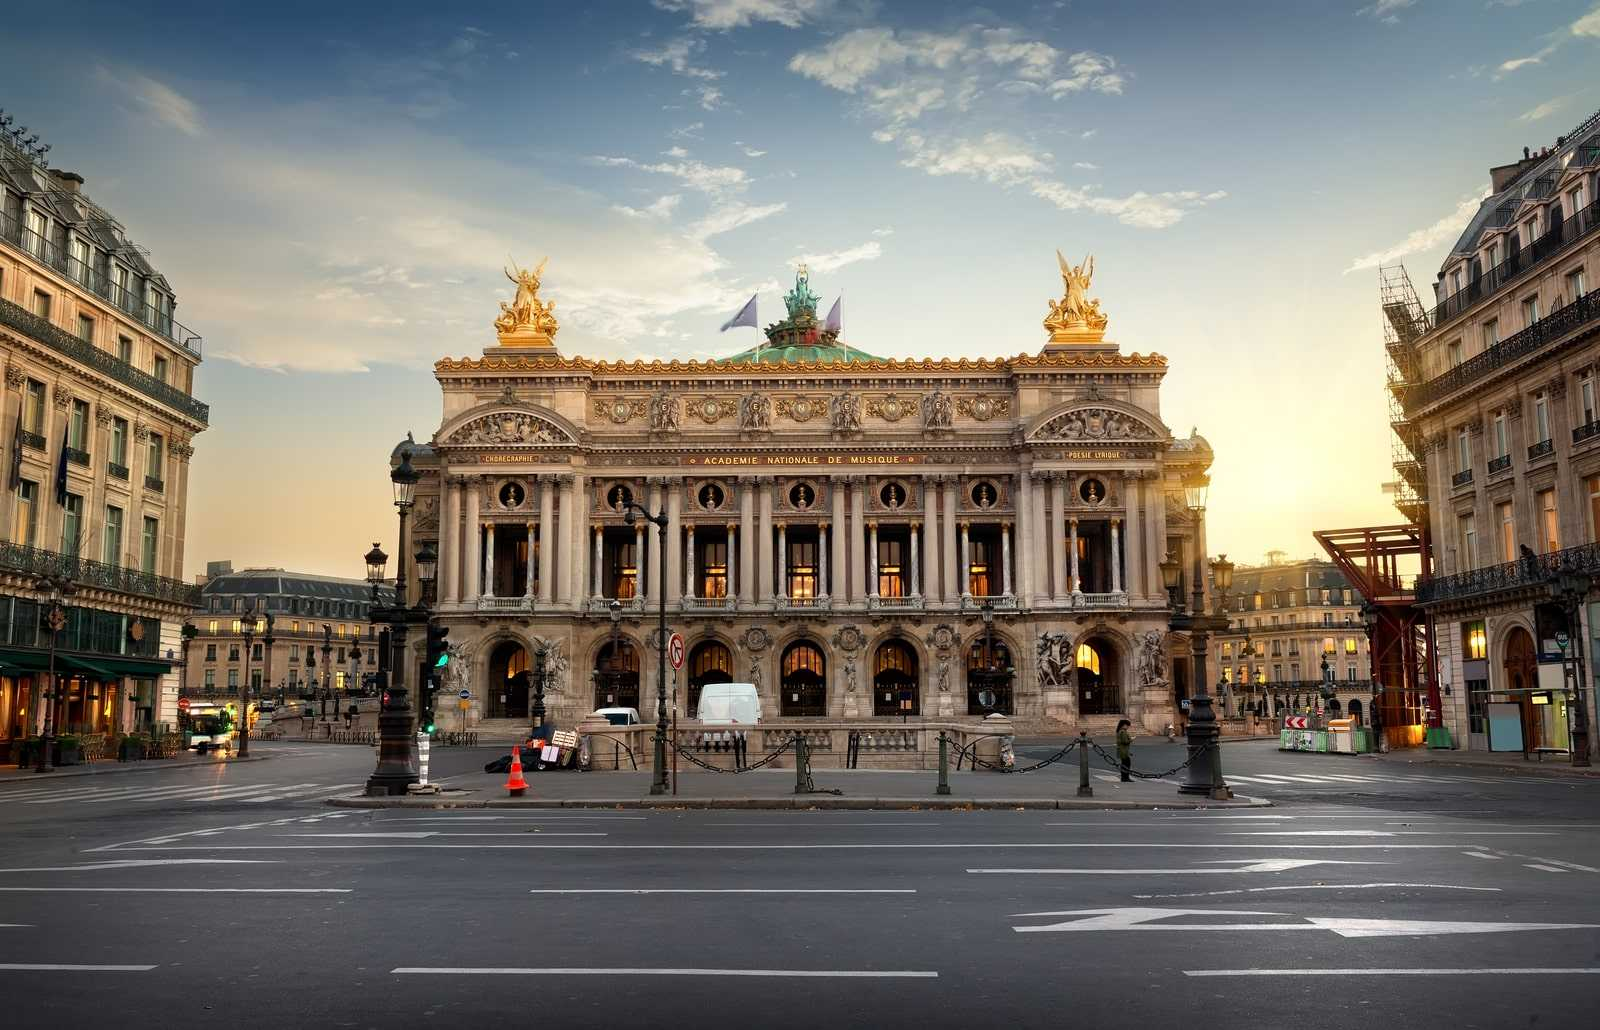 בית האופרה גרנייה פריז 2021 - כרטיסים, סיורים, שעות פתיחה ועוד